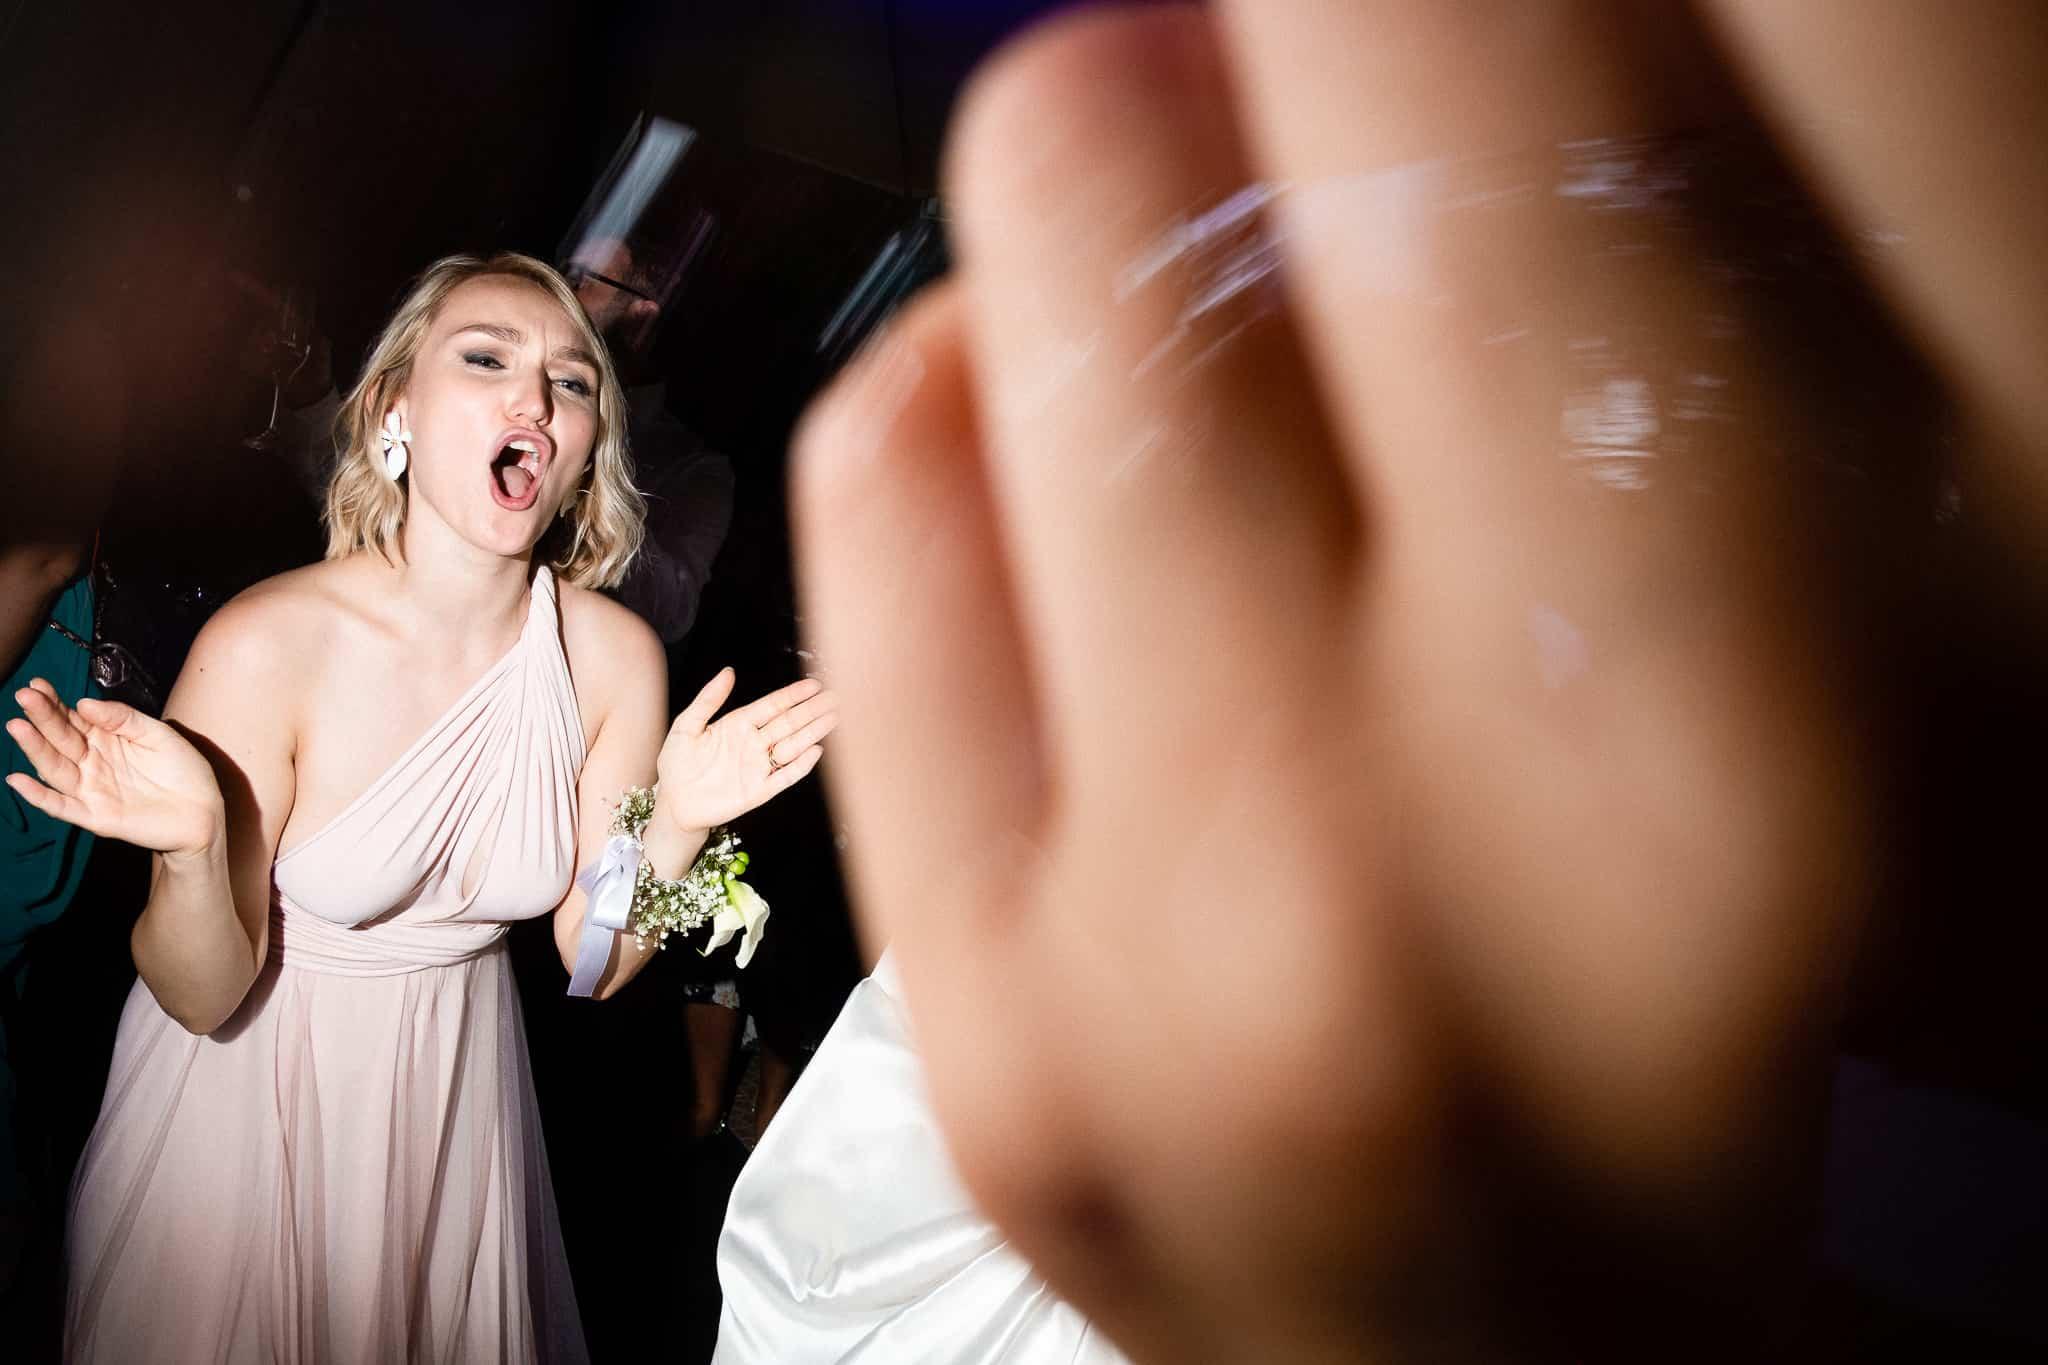 Fotografie matrimonio ironiche e allegre